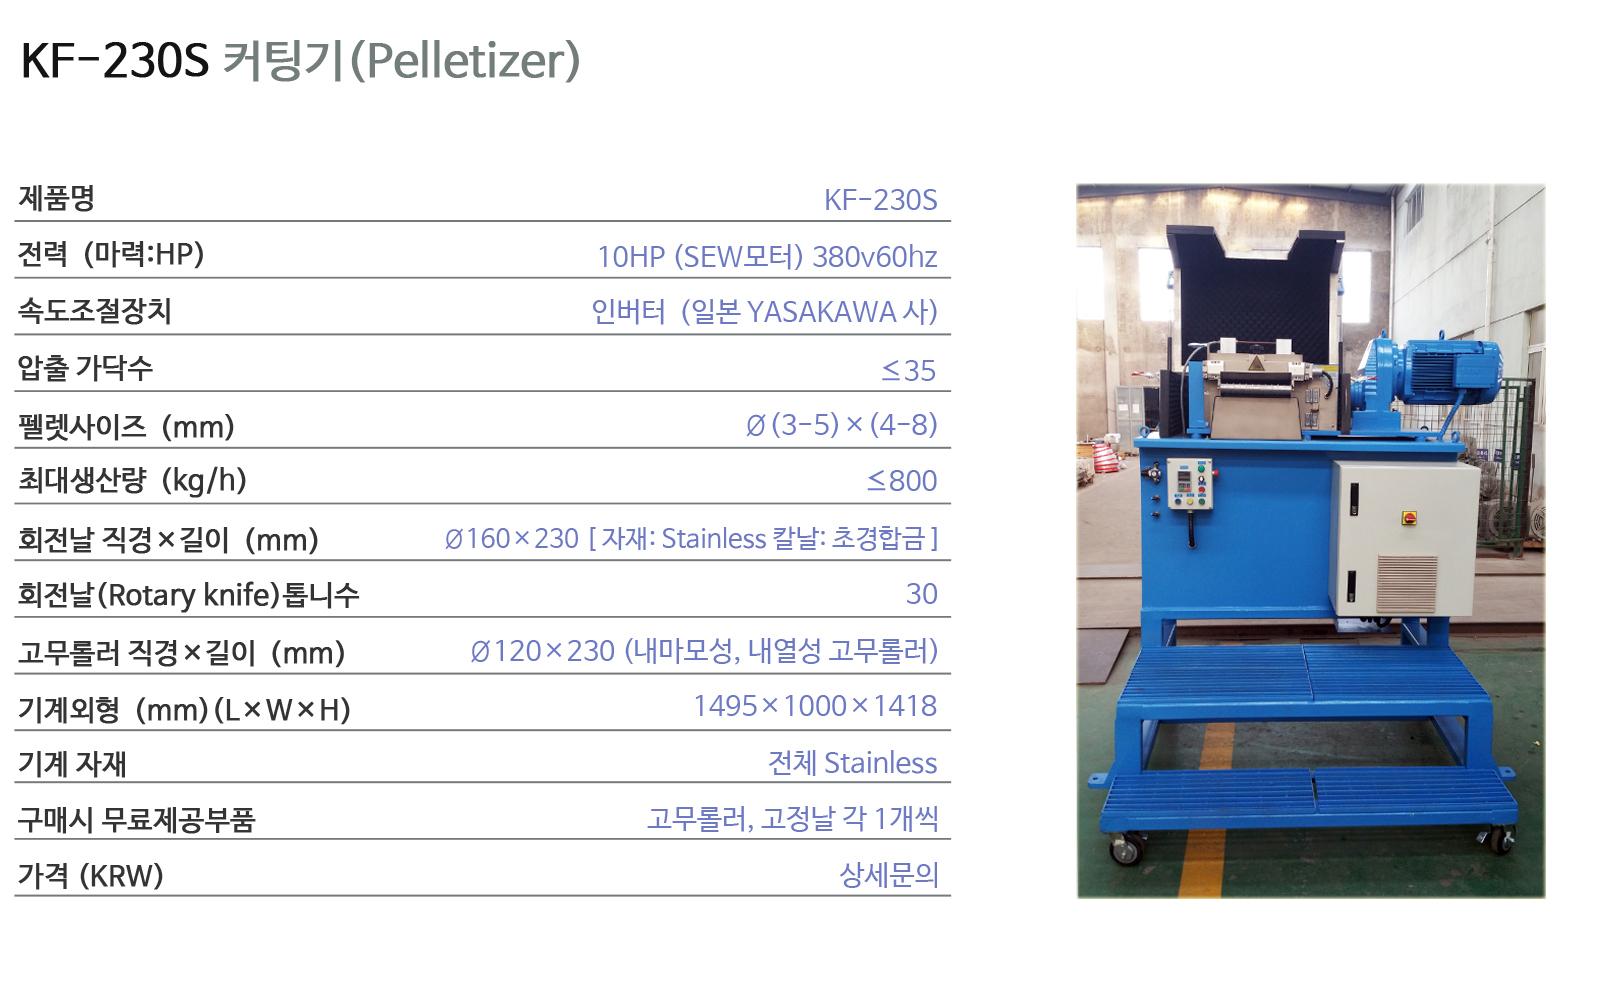 KF-230S 커팅기(고급) copy.jpg